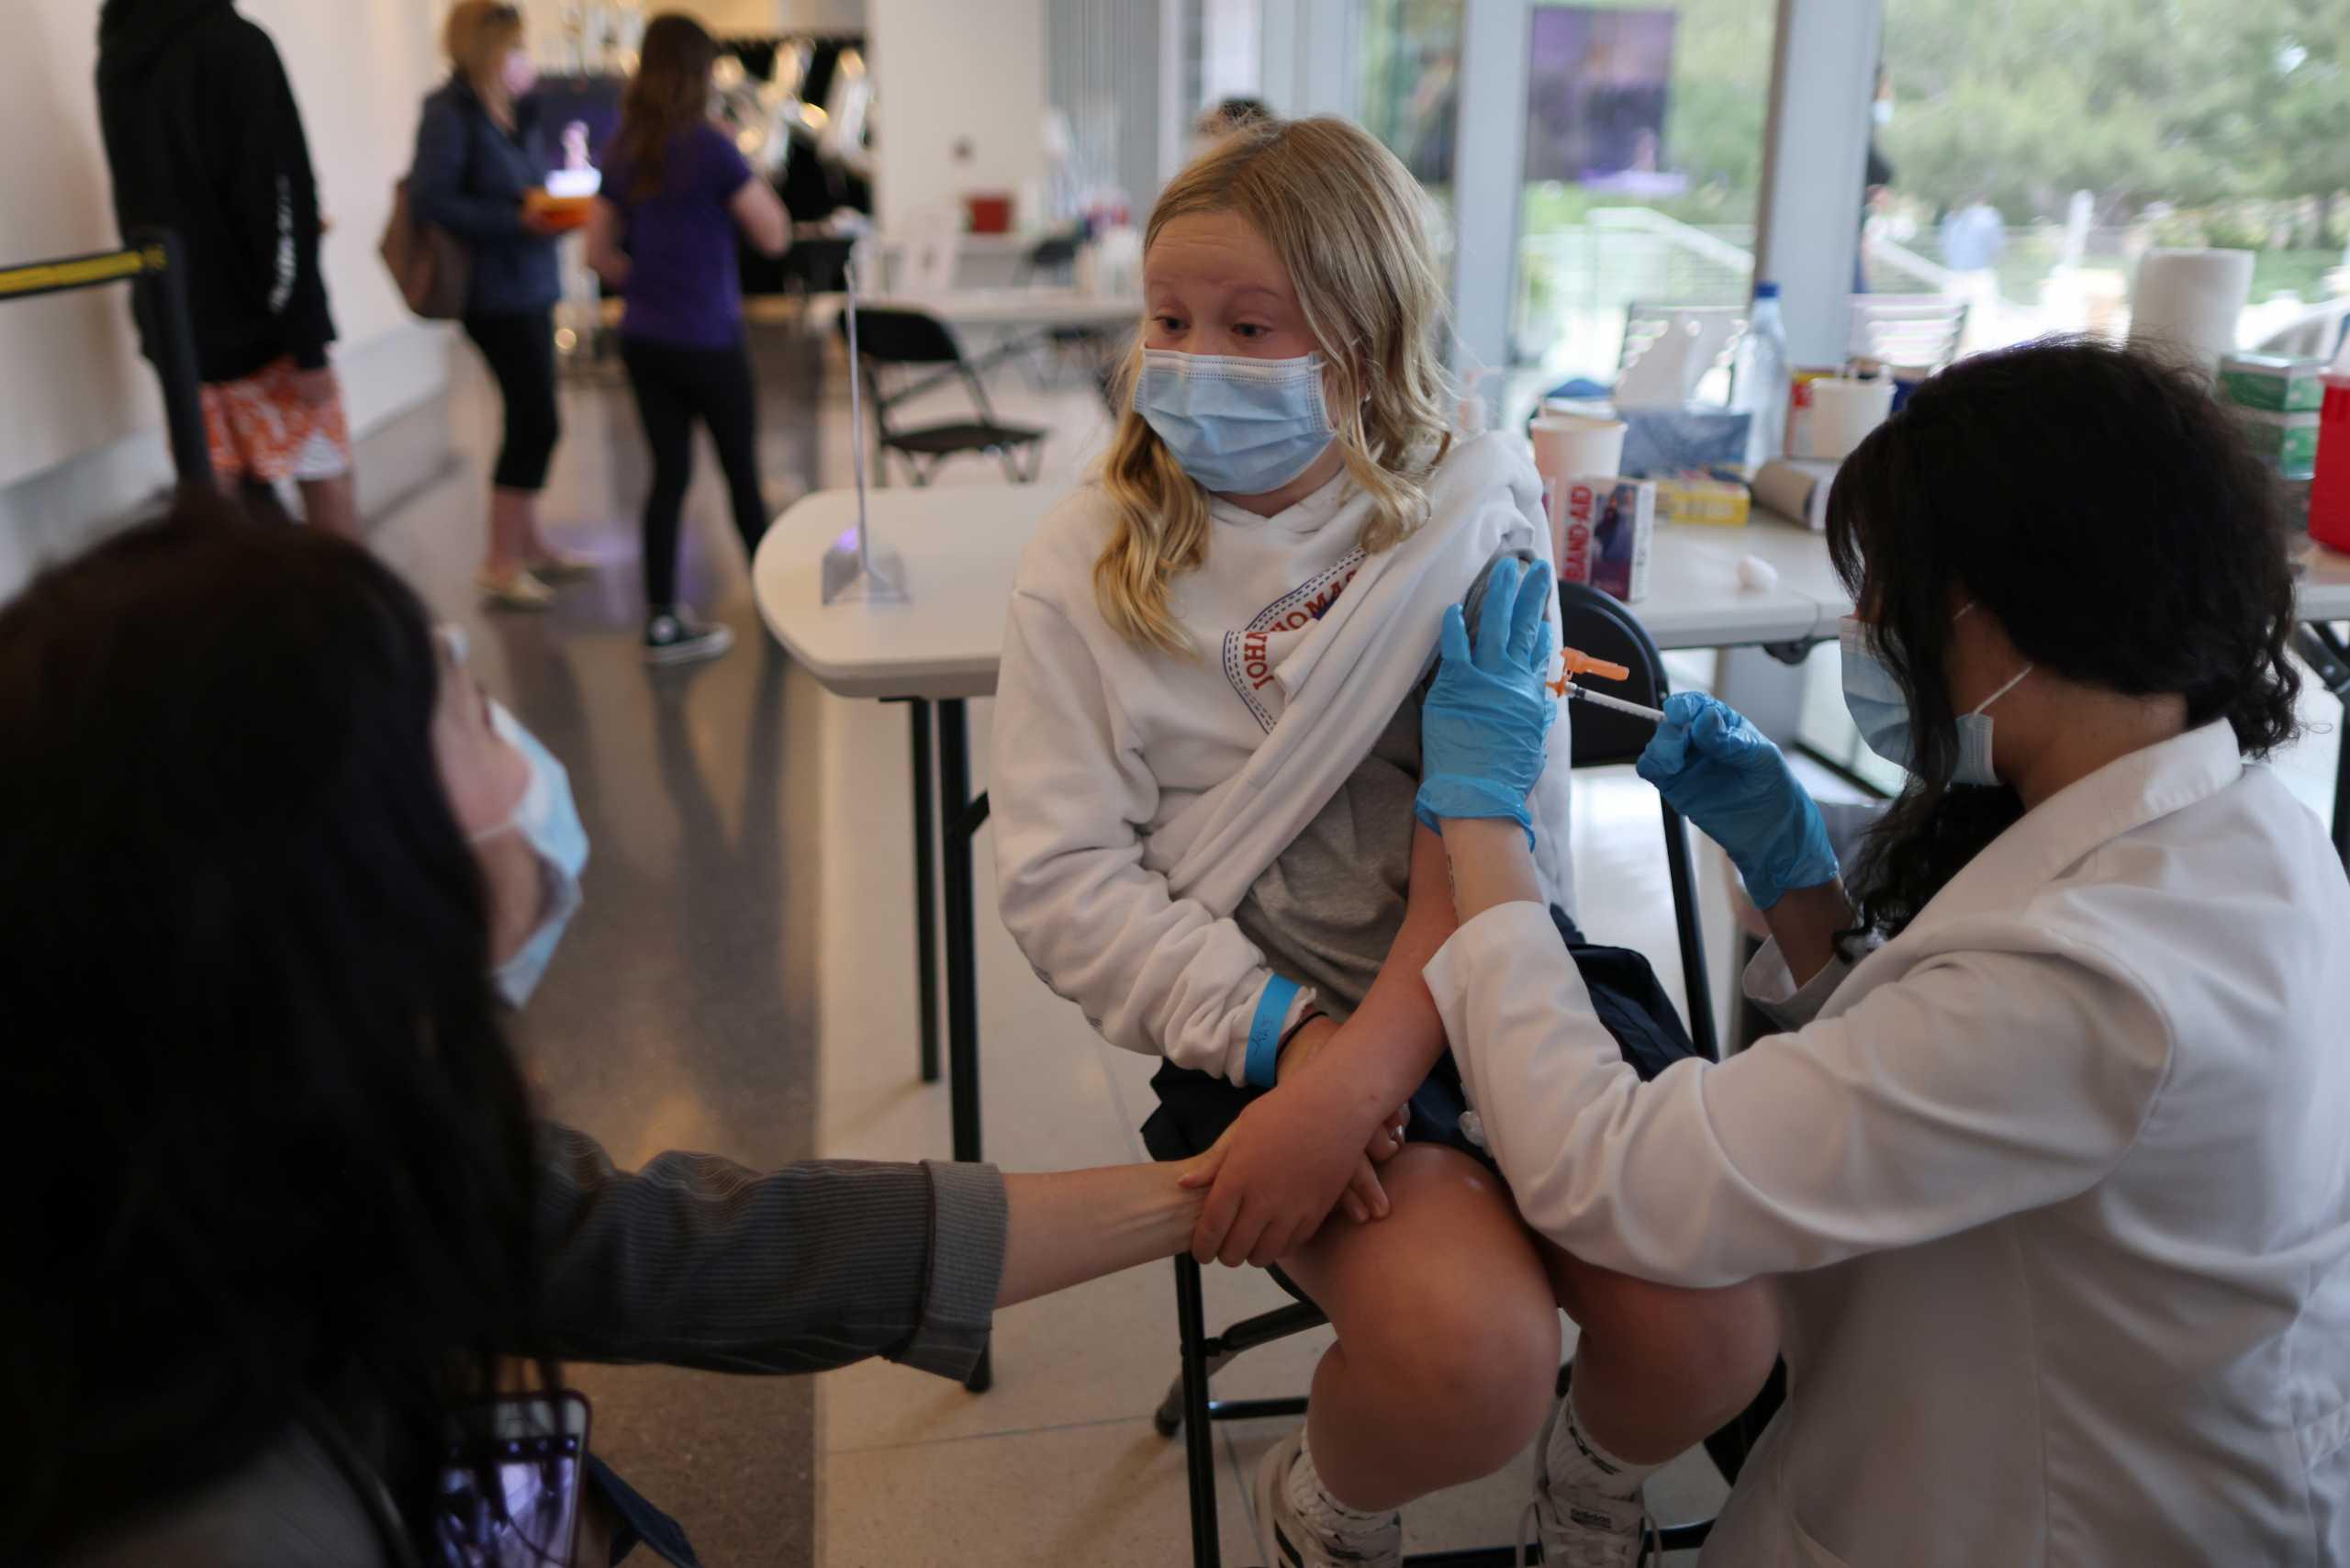 Κορονοϊός: Αρχίζει ο εμβολιασμός παιδιών κάτω των 12 ετών στις ΗΠΑ – 4 εκατ. ανήλικοι μολύνθηκαν